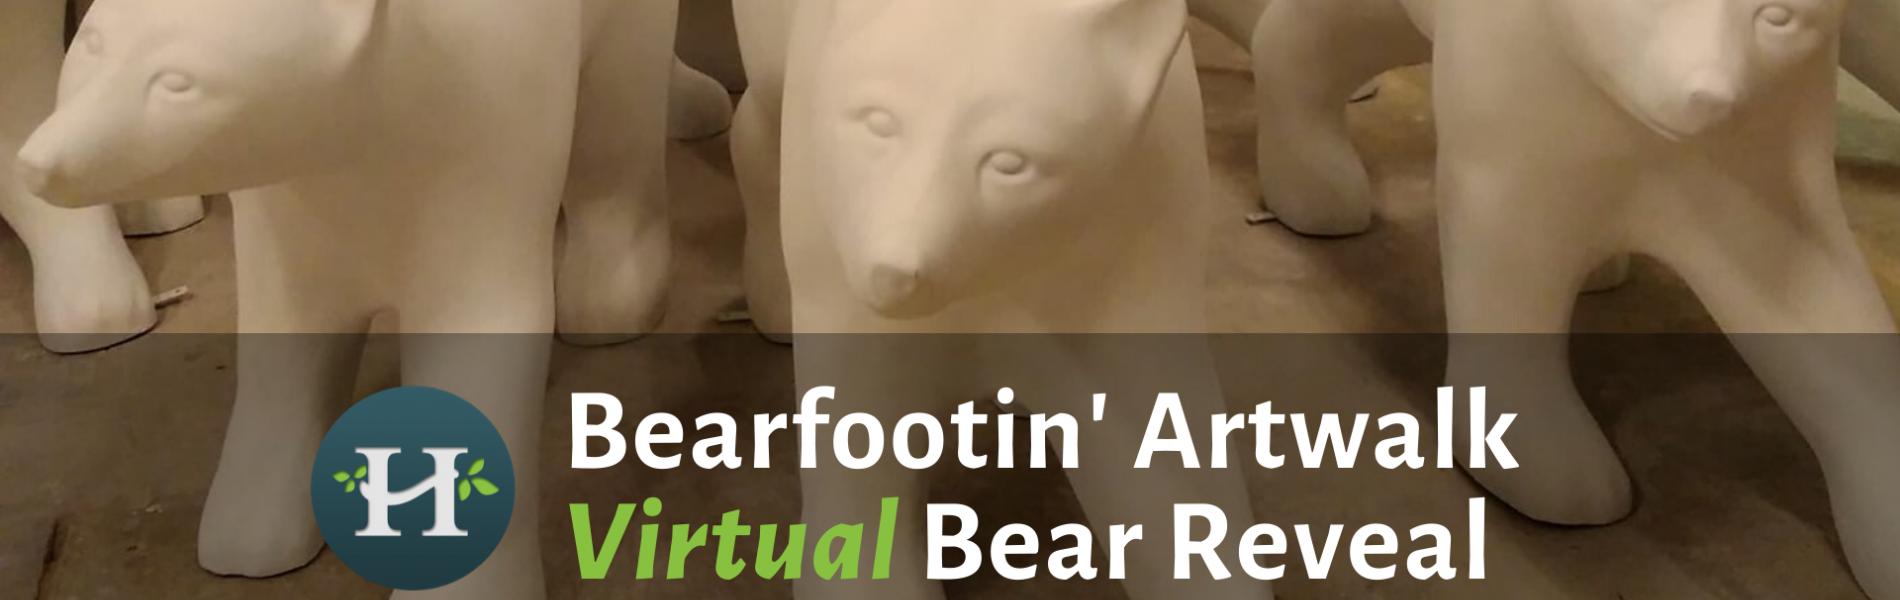 virtual bear reveal